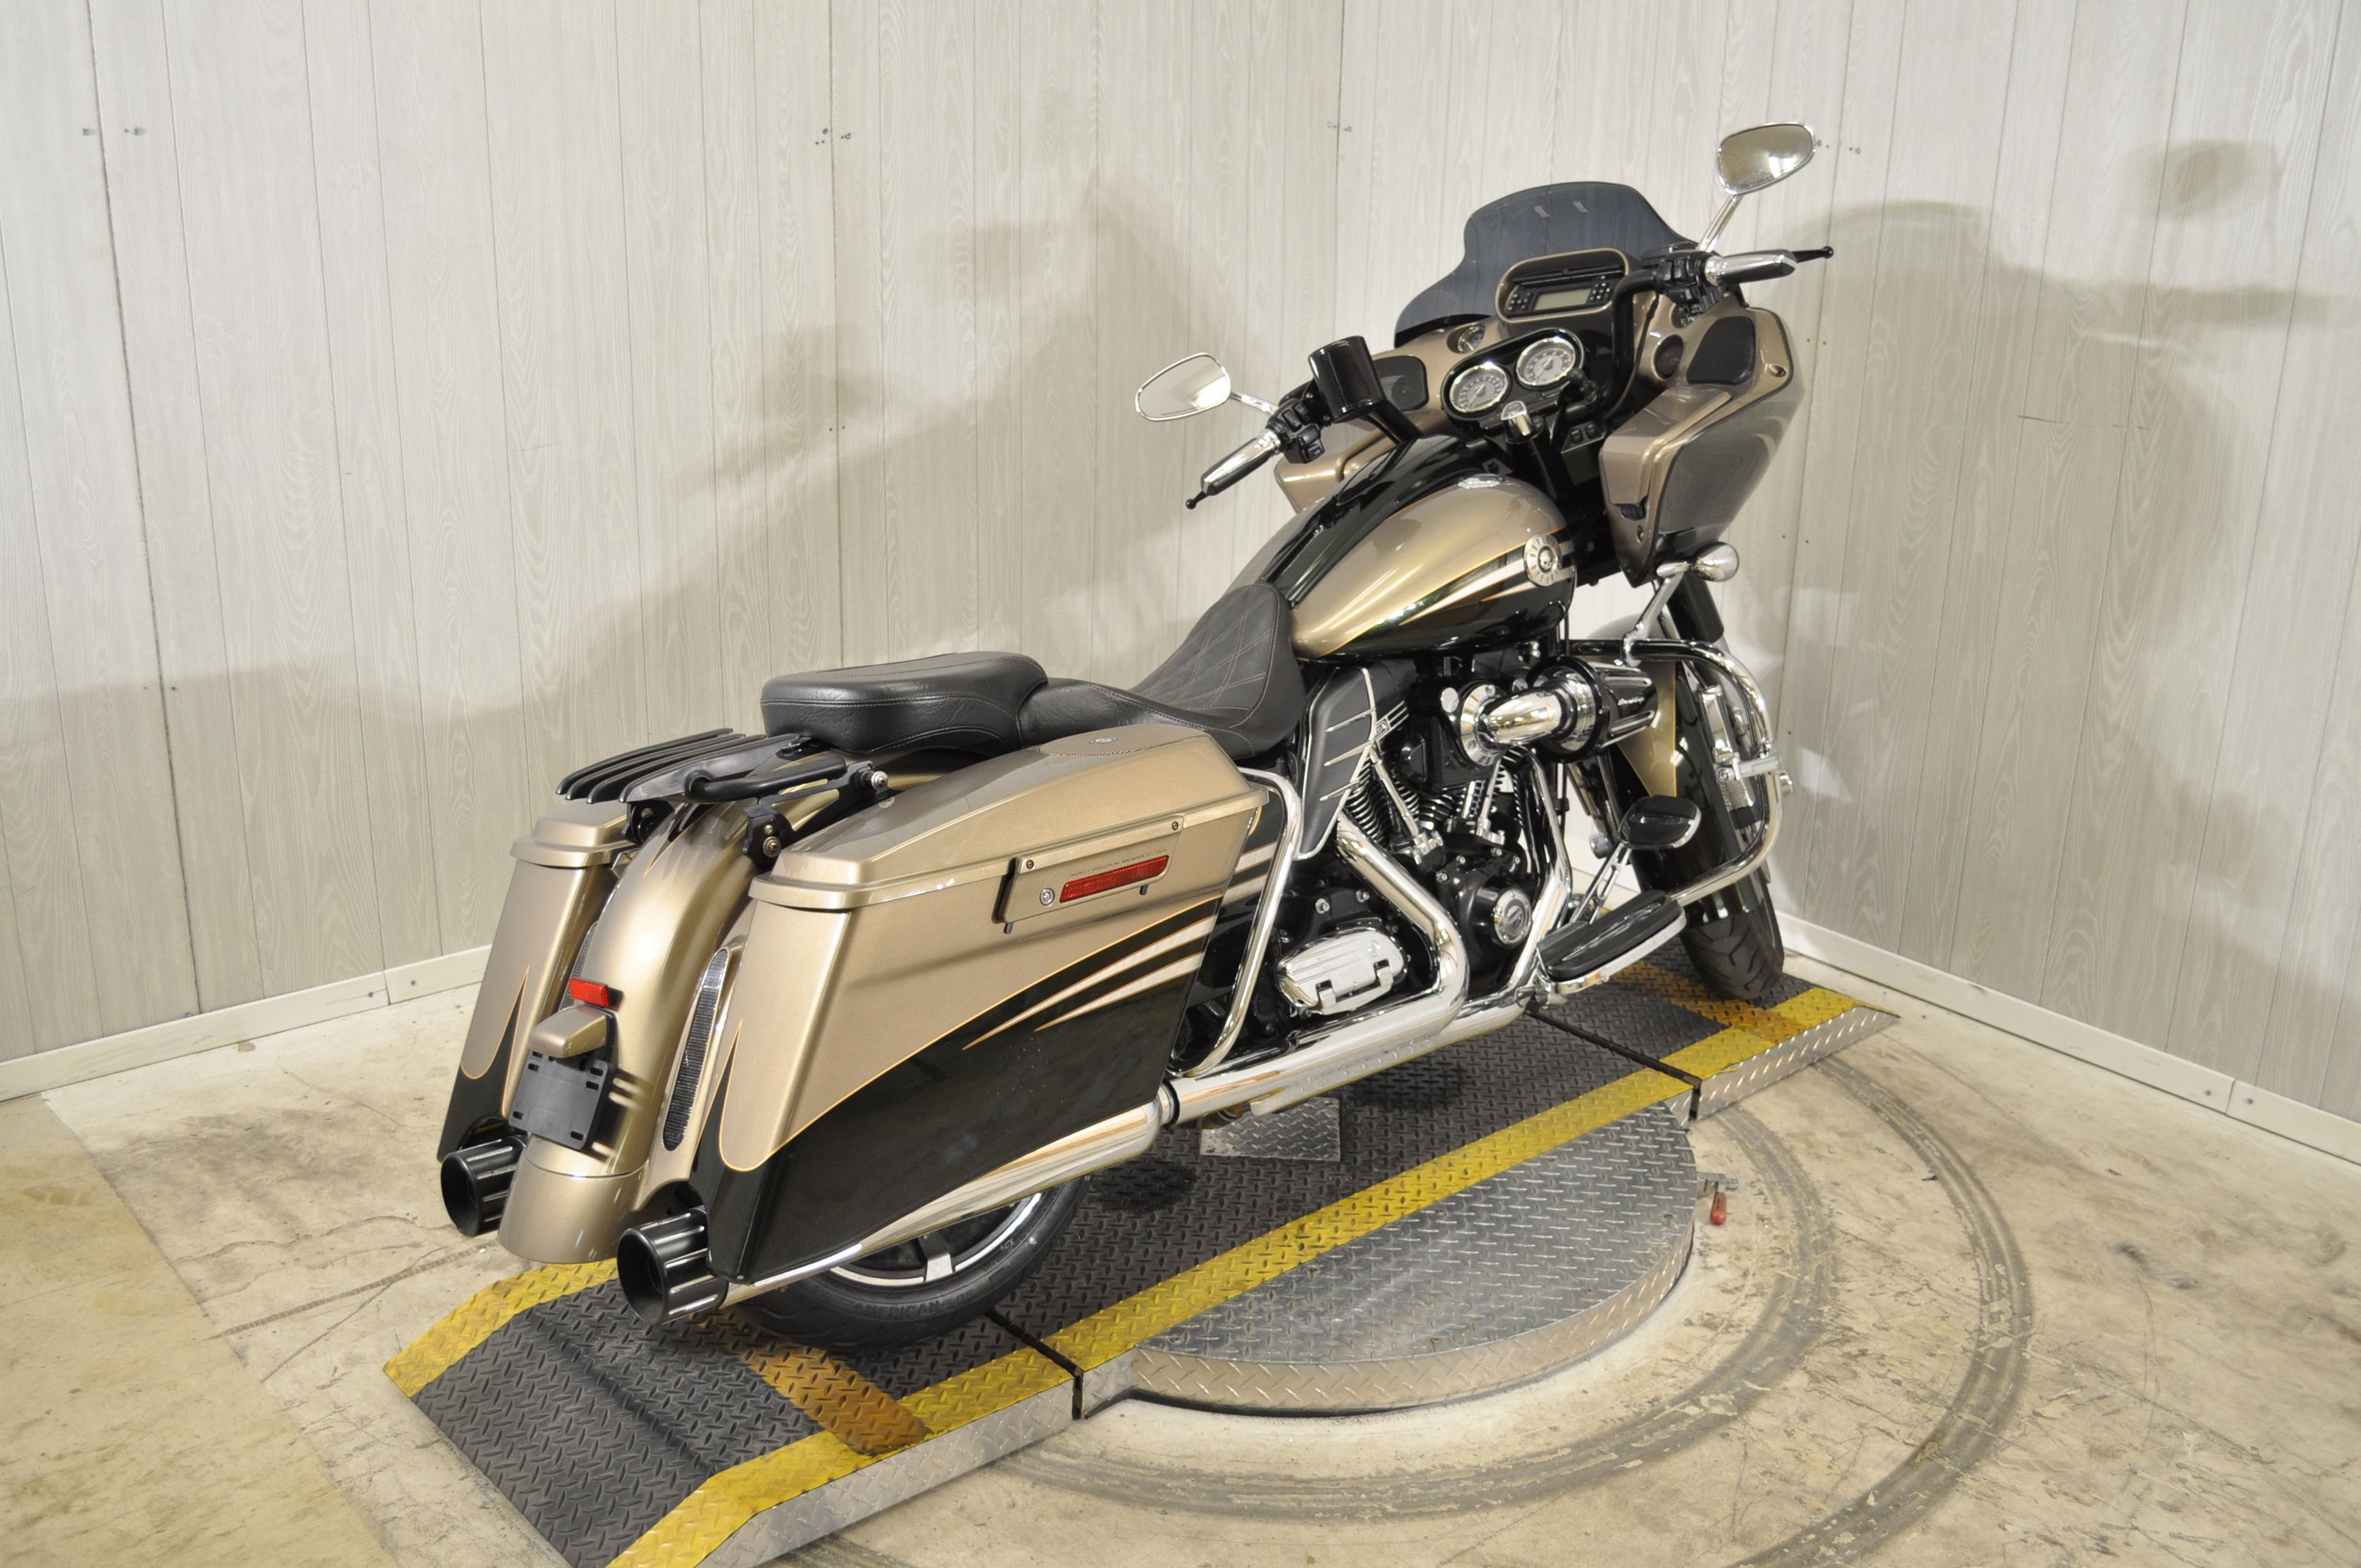 Pre-Owned 2013 Harley-Davidson CVO Road Glide Custom FLTRXSE2